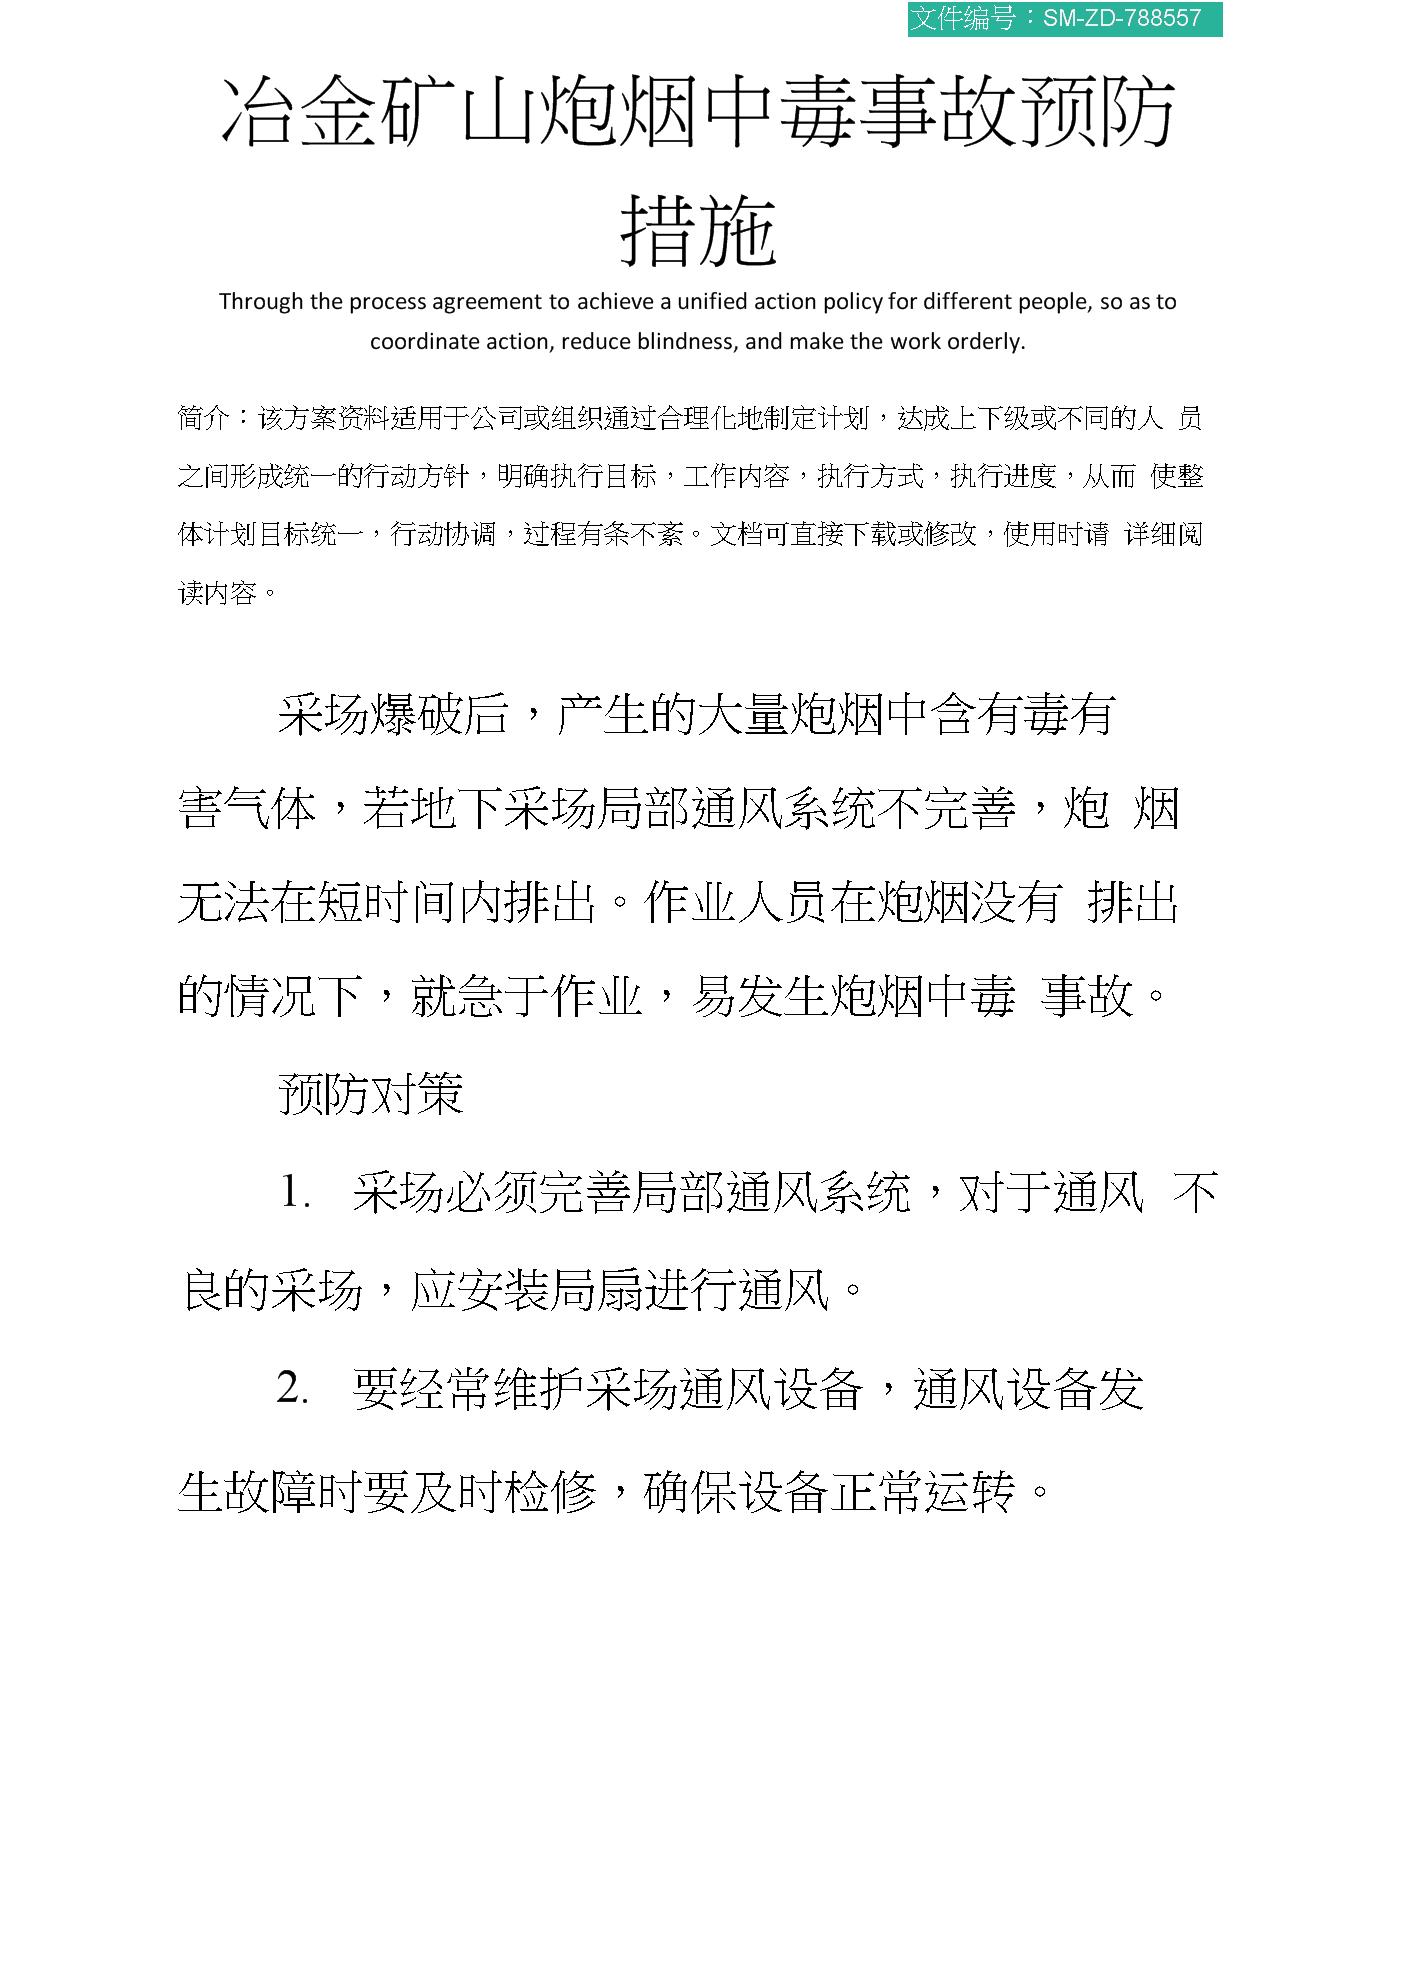 冶金矿山炮烟中毒事故预防措施.docx